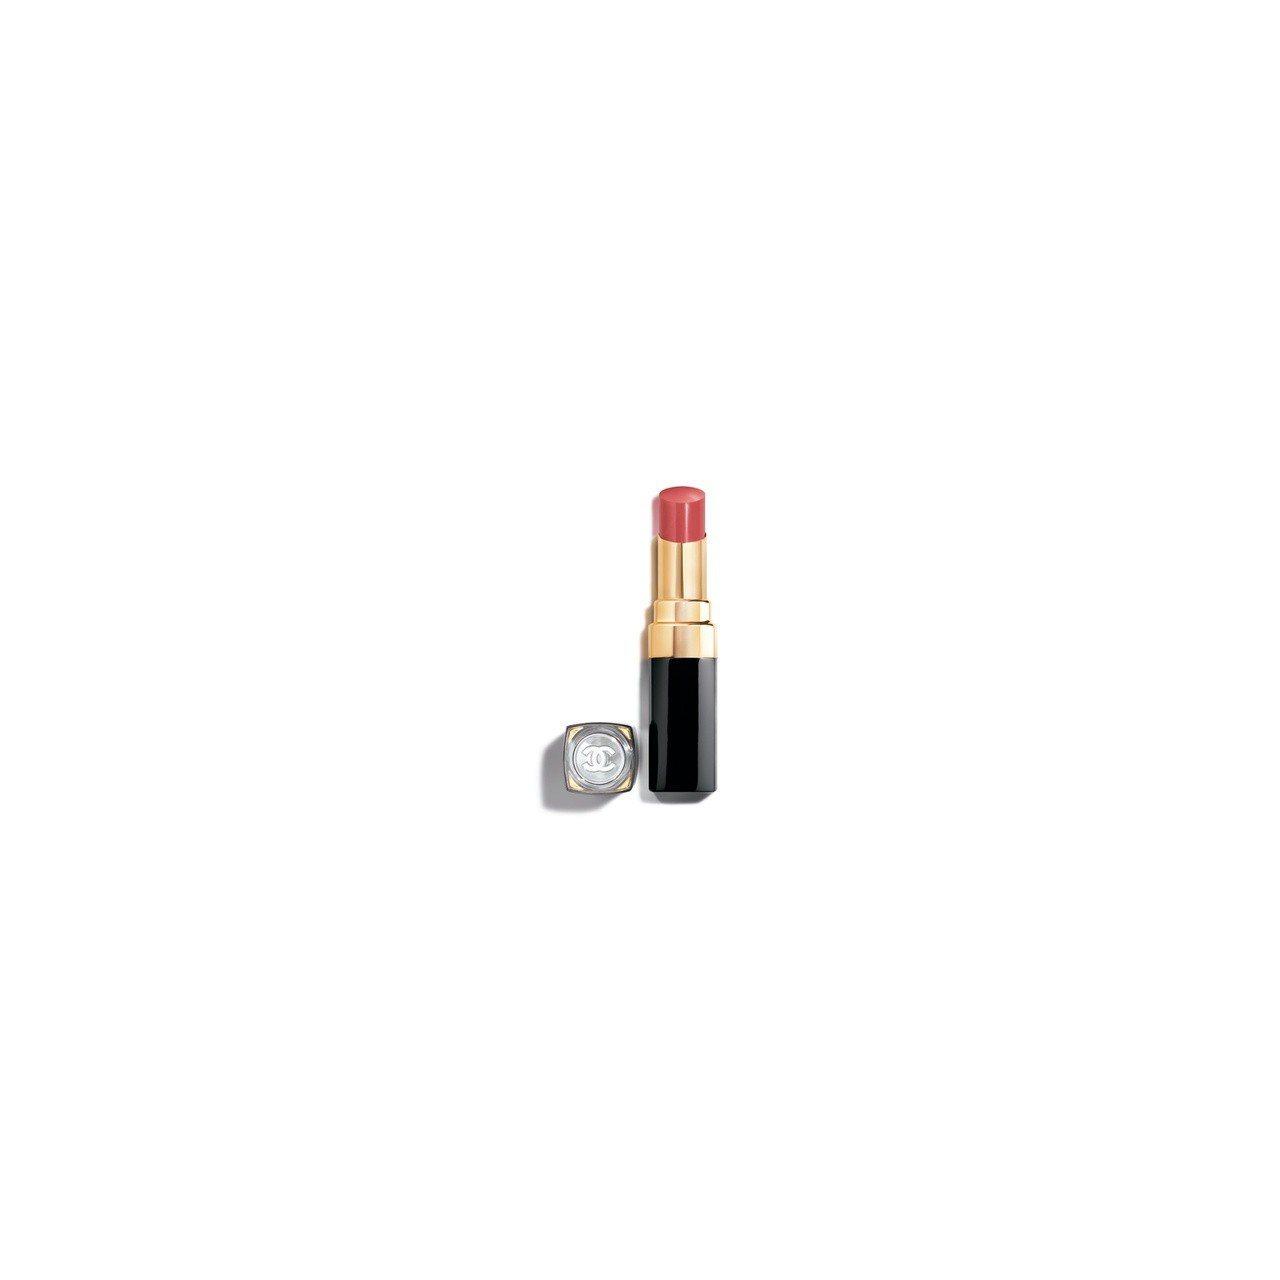 香奈兒COCO晶亮水唇膏#90 日光 3g、1,280元。圖/香奈兒提供